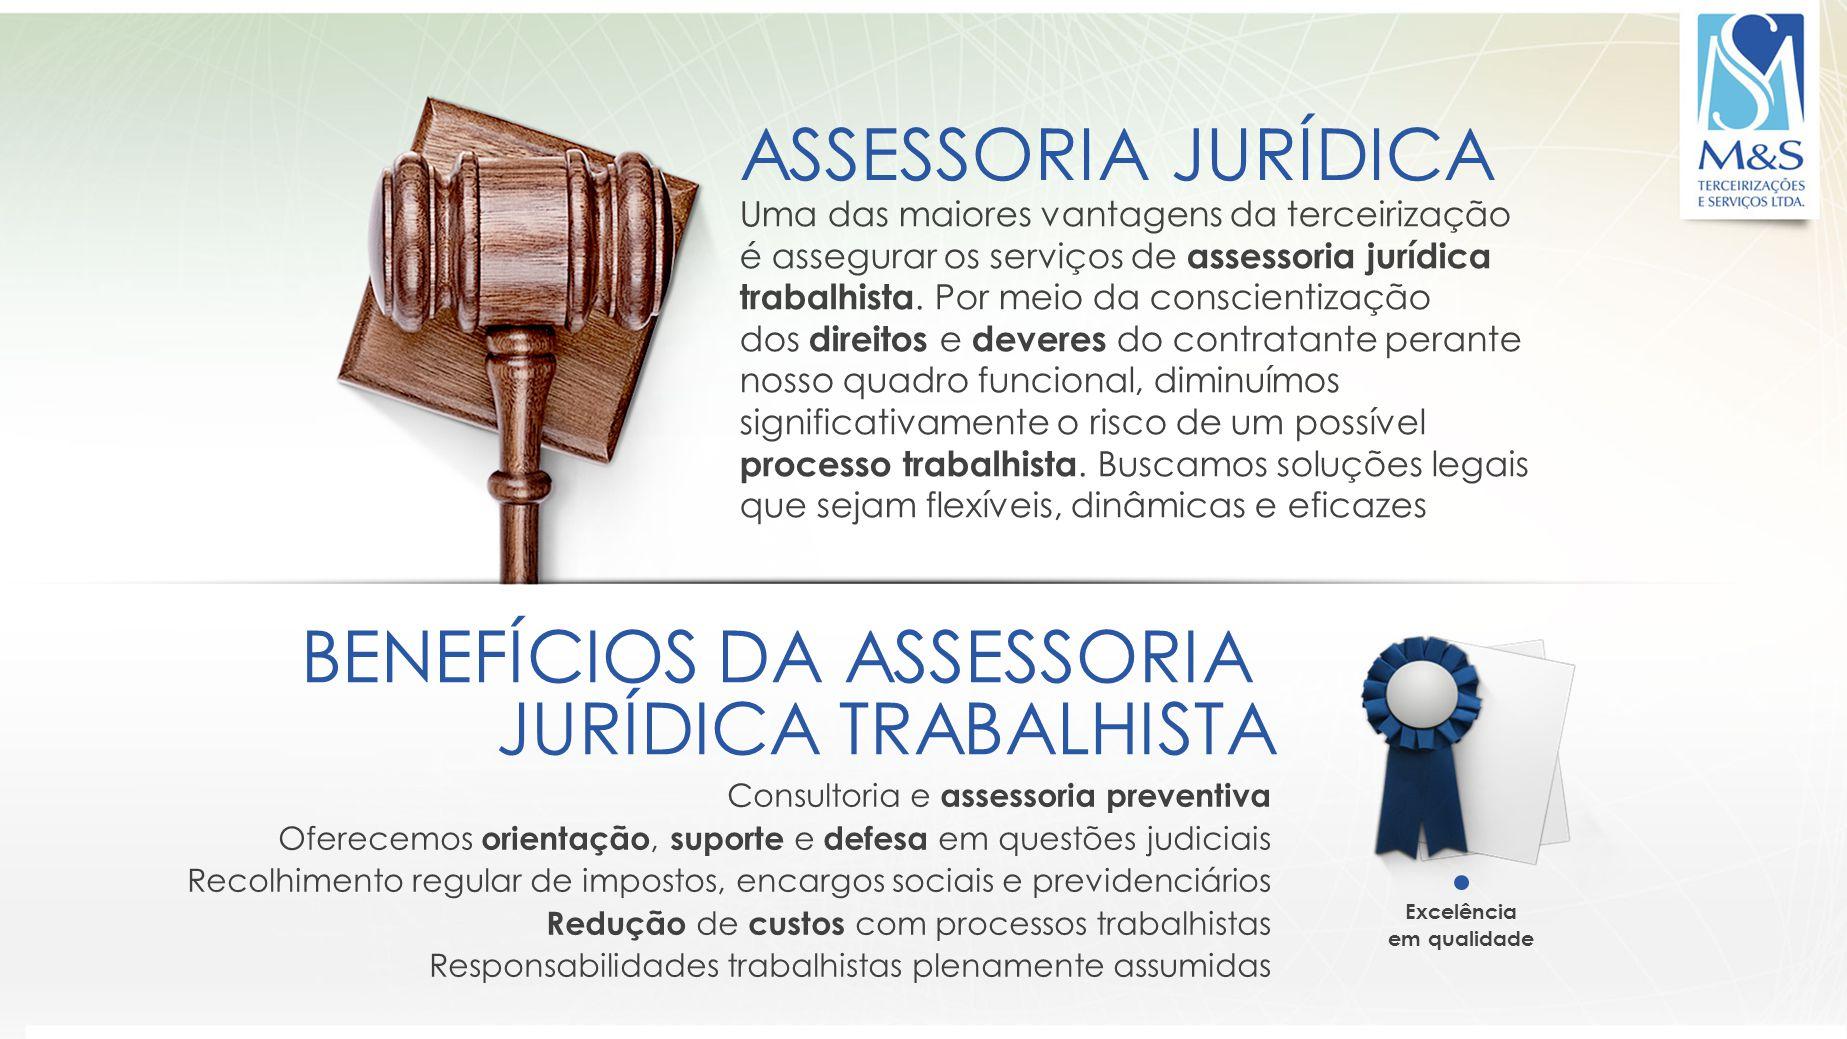 BENEFÍCIOS DA ASSESSORIA JURÍDICA TRABALHISTA